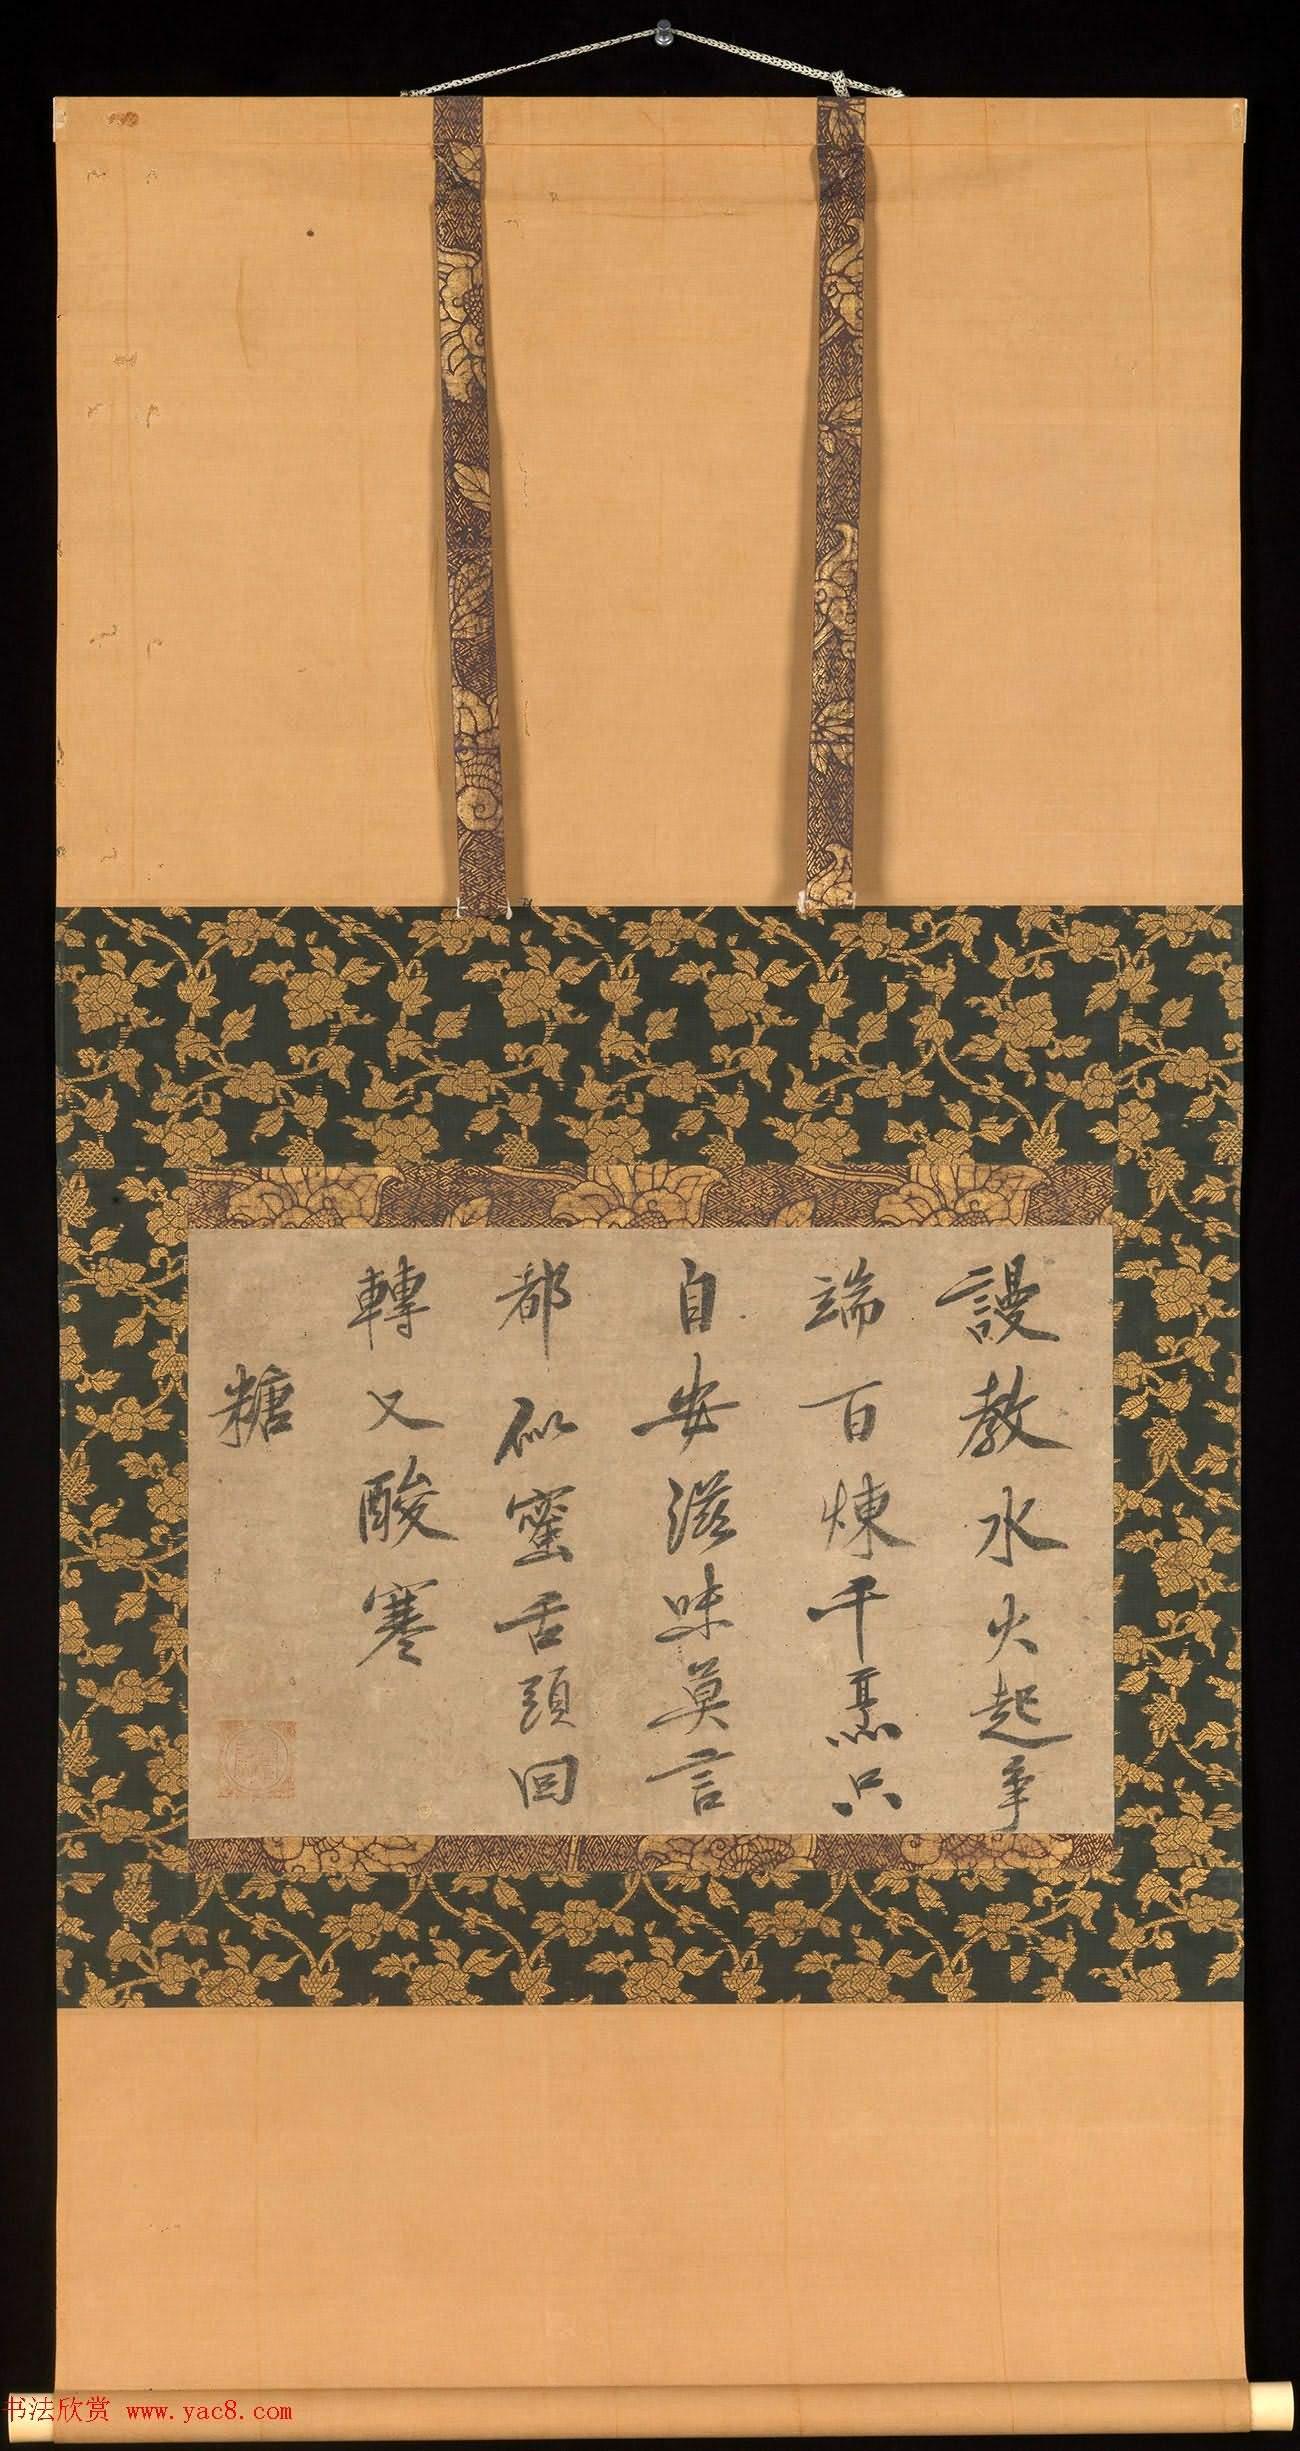 日本禪僧虎關師煉書法墨跡欣賞